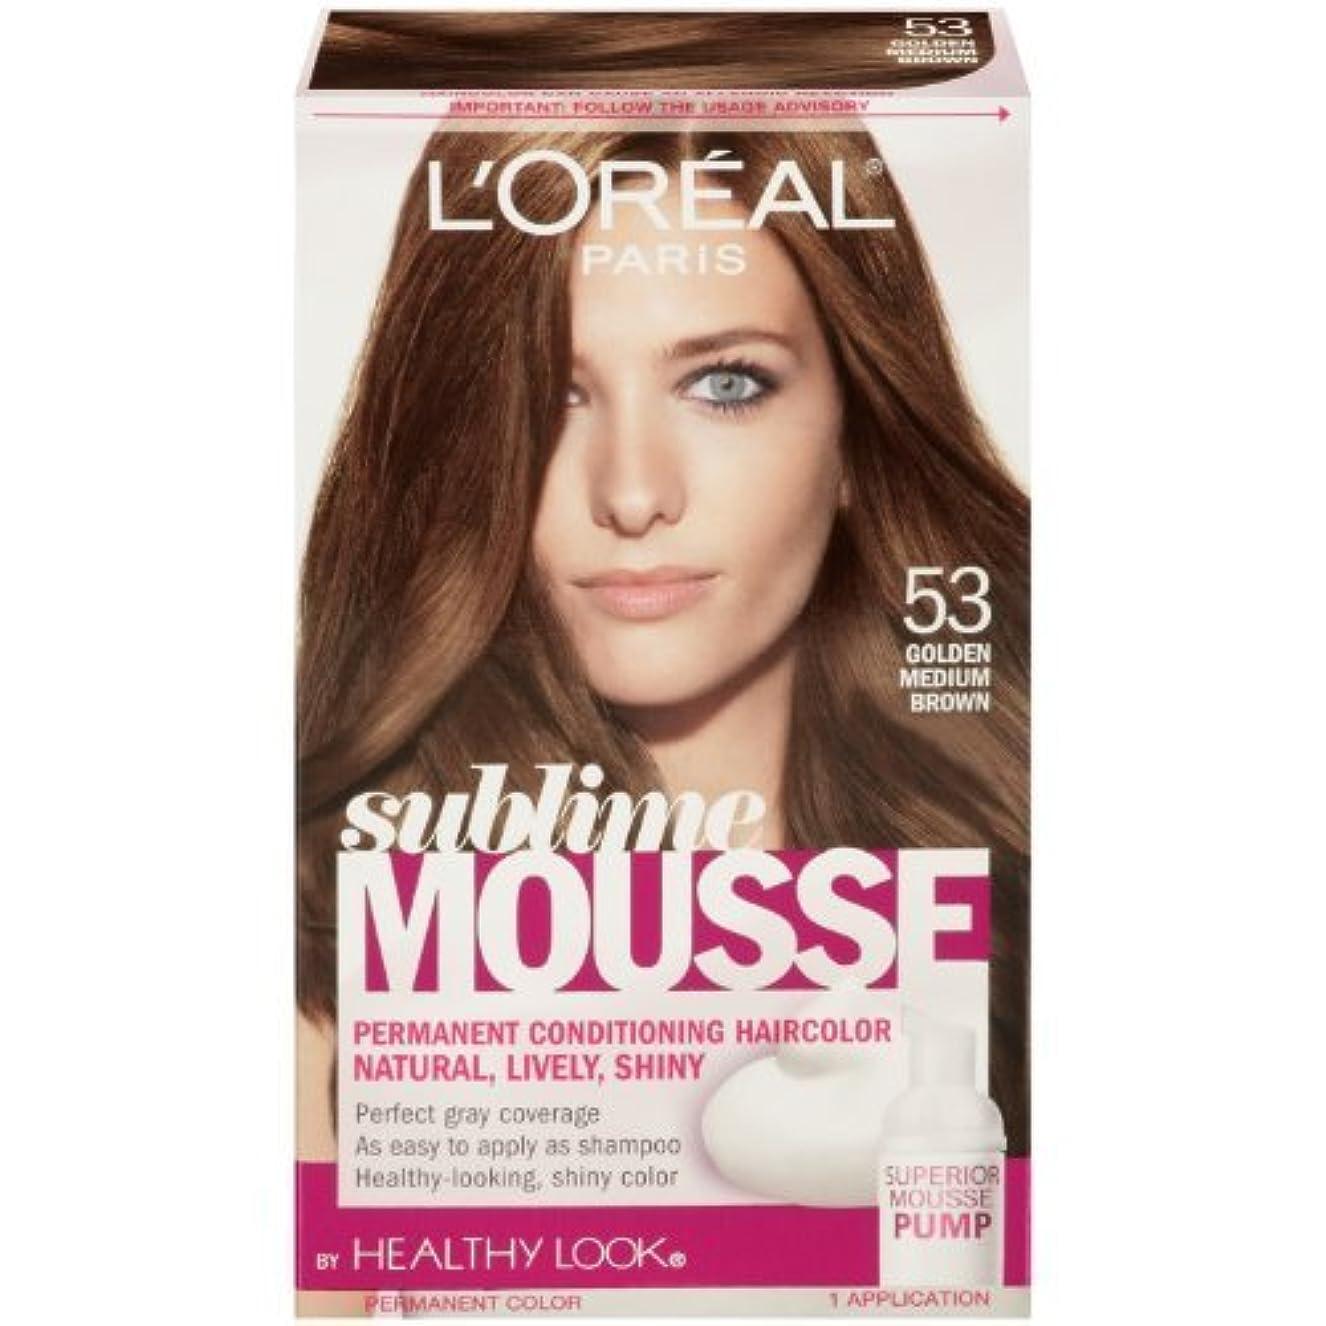 パパ励起本質的ではないL'Oreal Paris Sublime Mousse by Healthy Look Hair Color, 53 Golden Medium Brown by SUBLIME MOUSSE [並行輸入品]